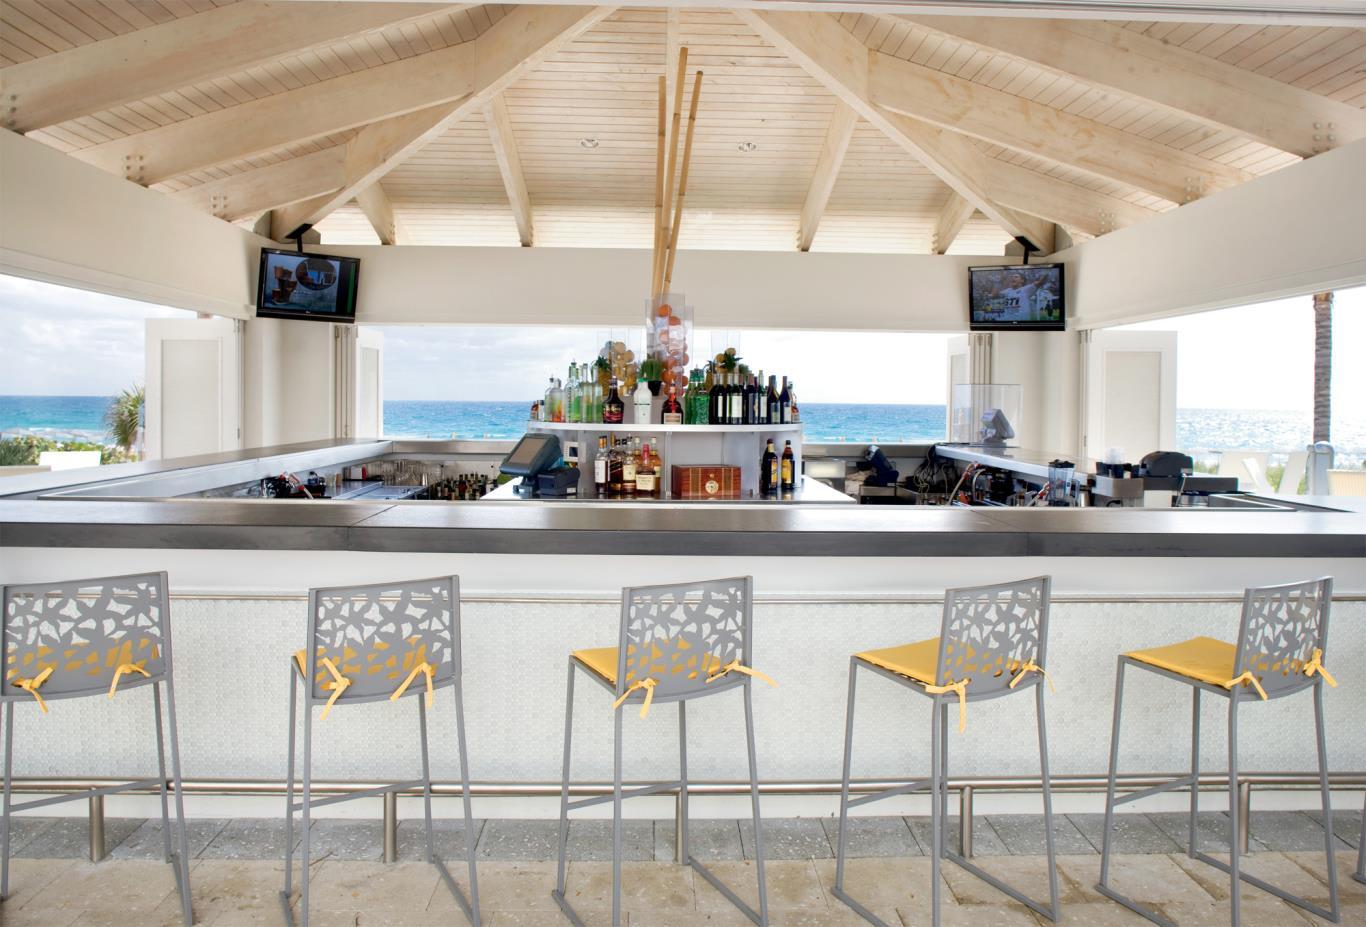 Beaches Bar